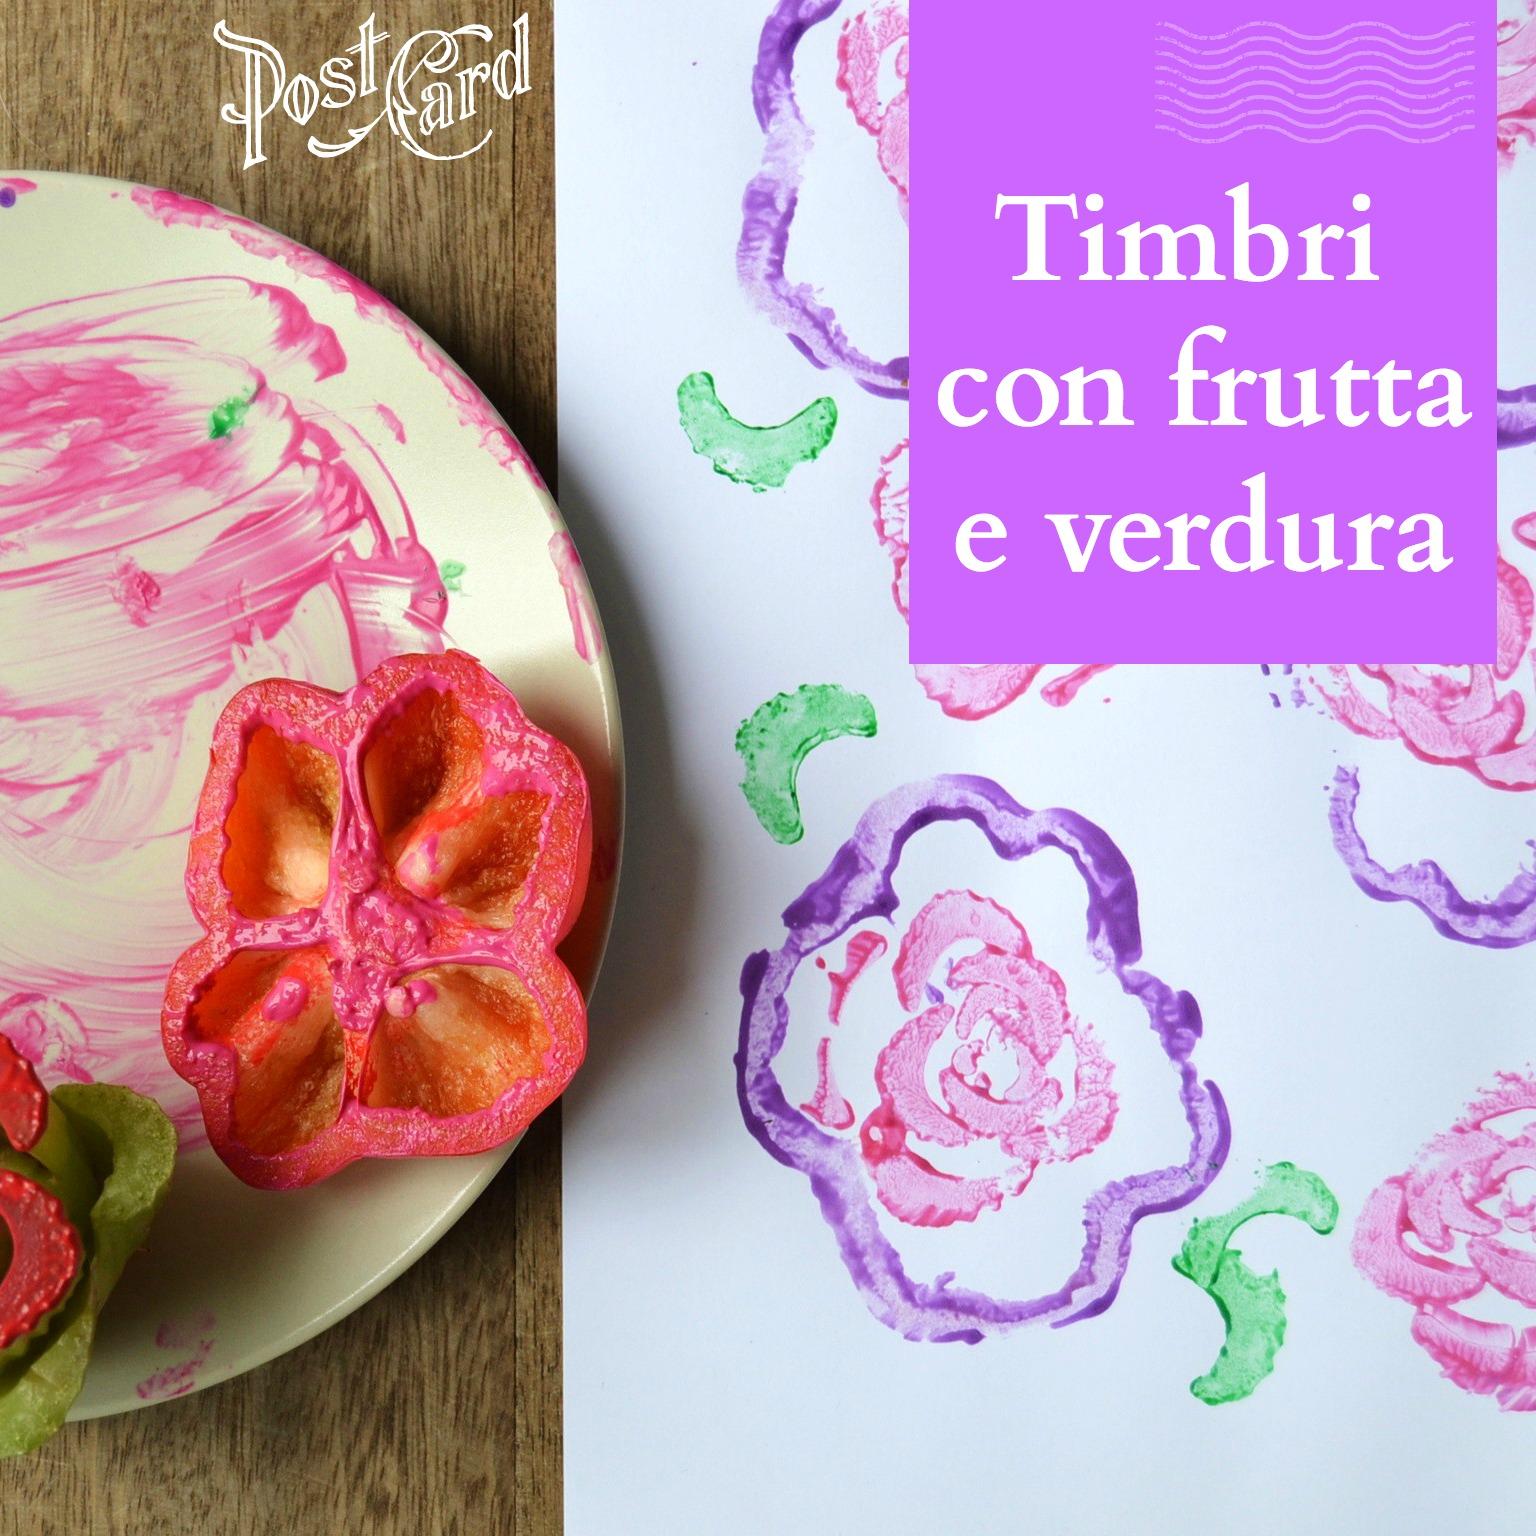 Super Timbri con frutta e verdura per bambini - BabyGreen JA34